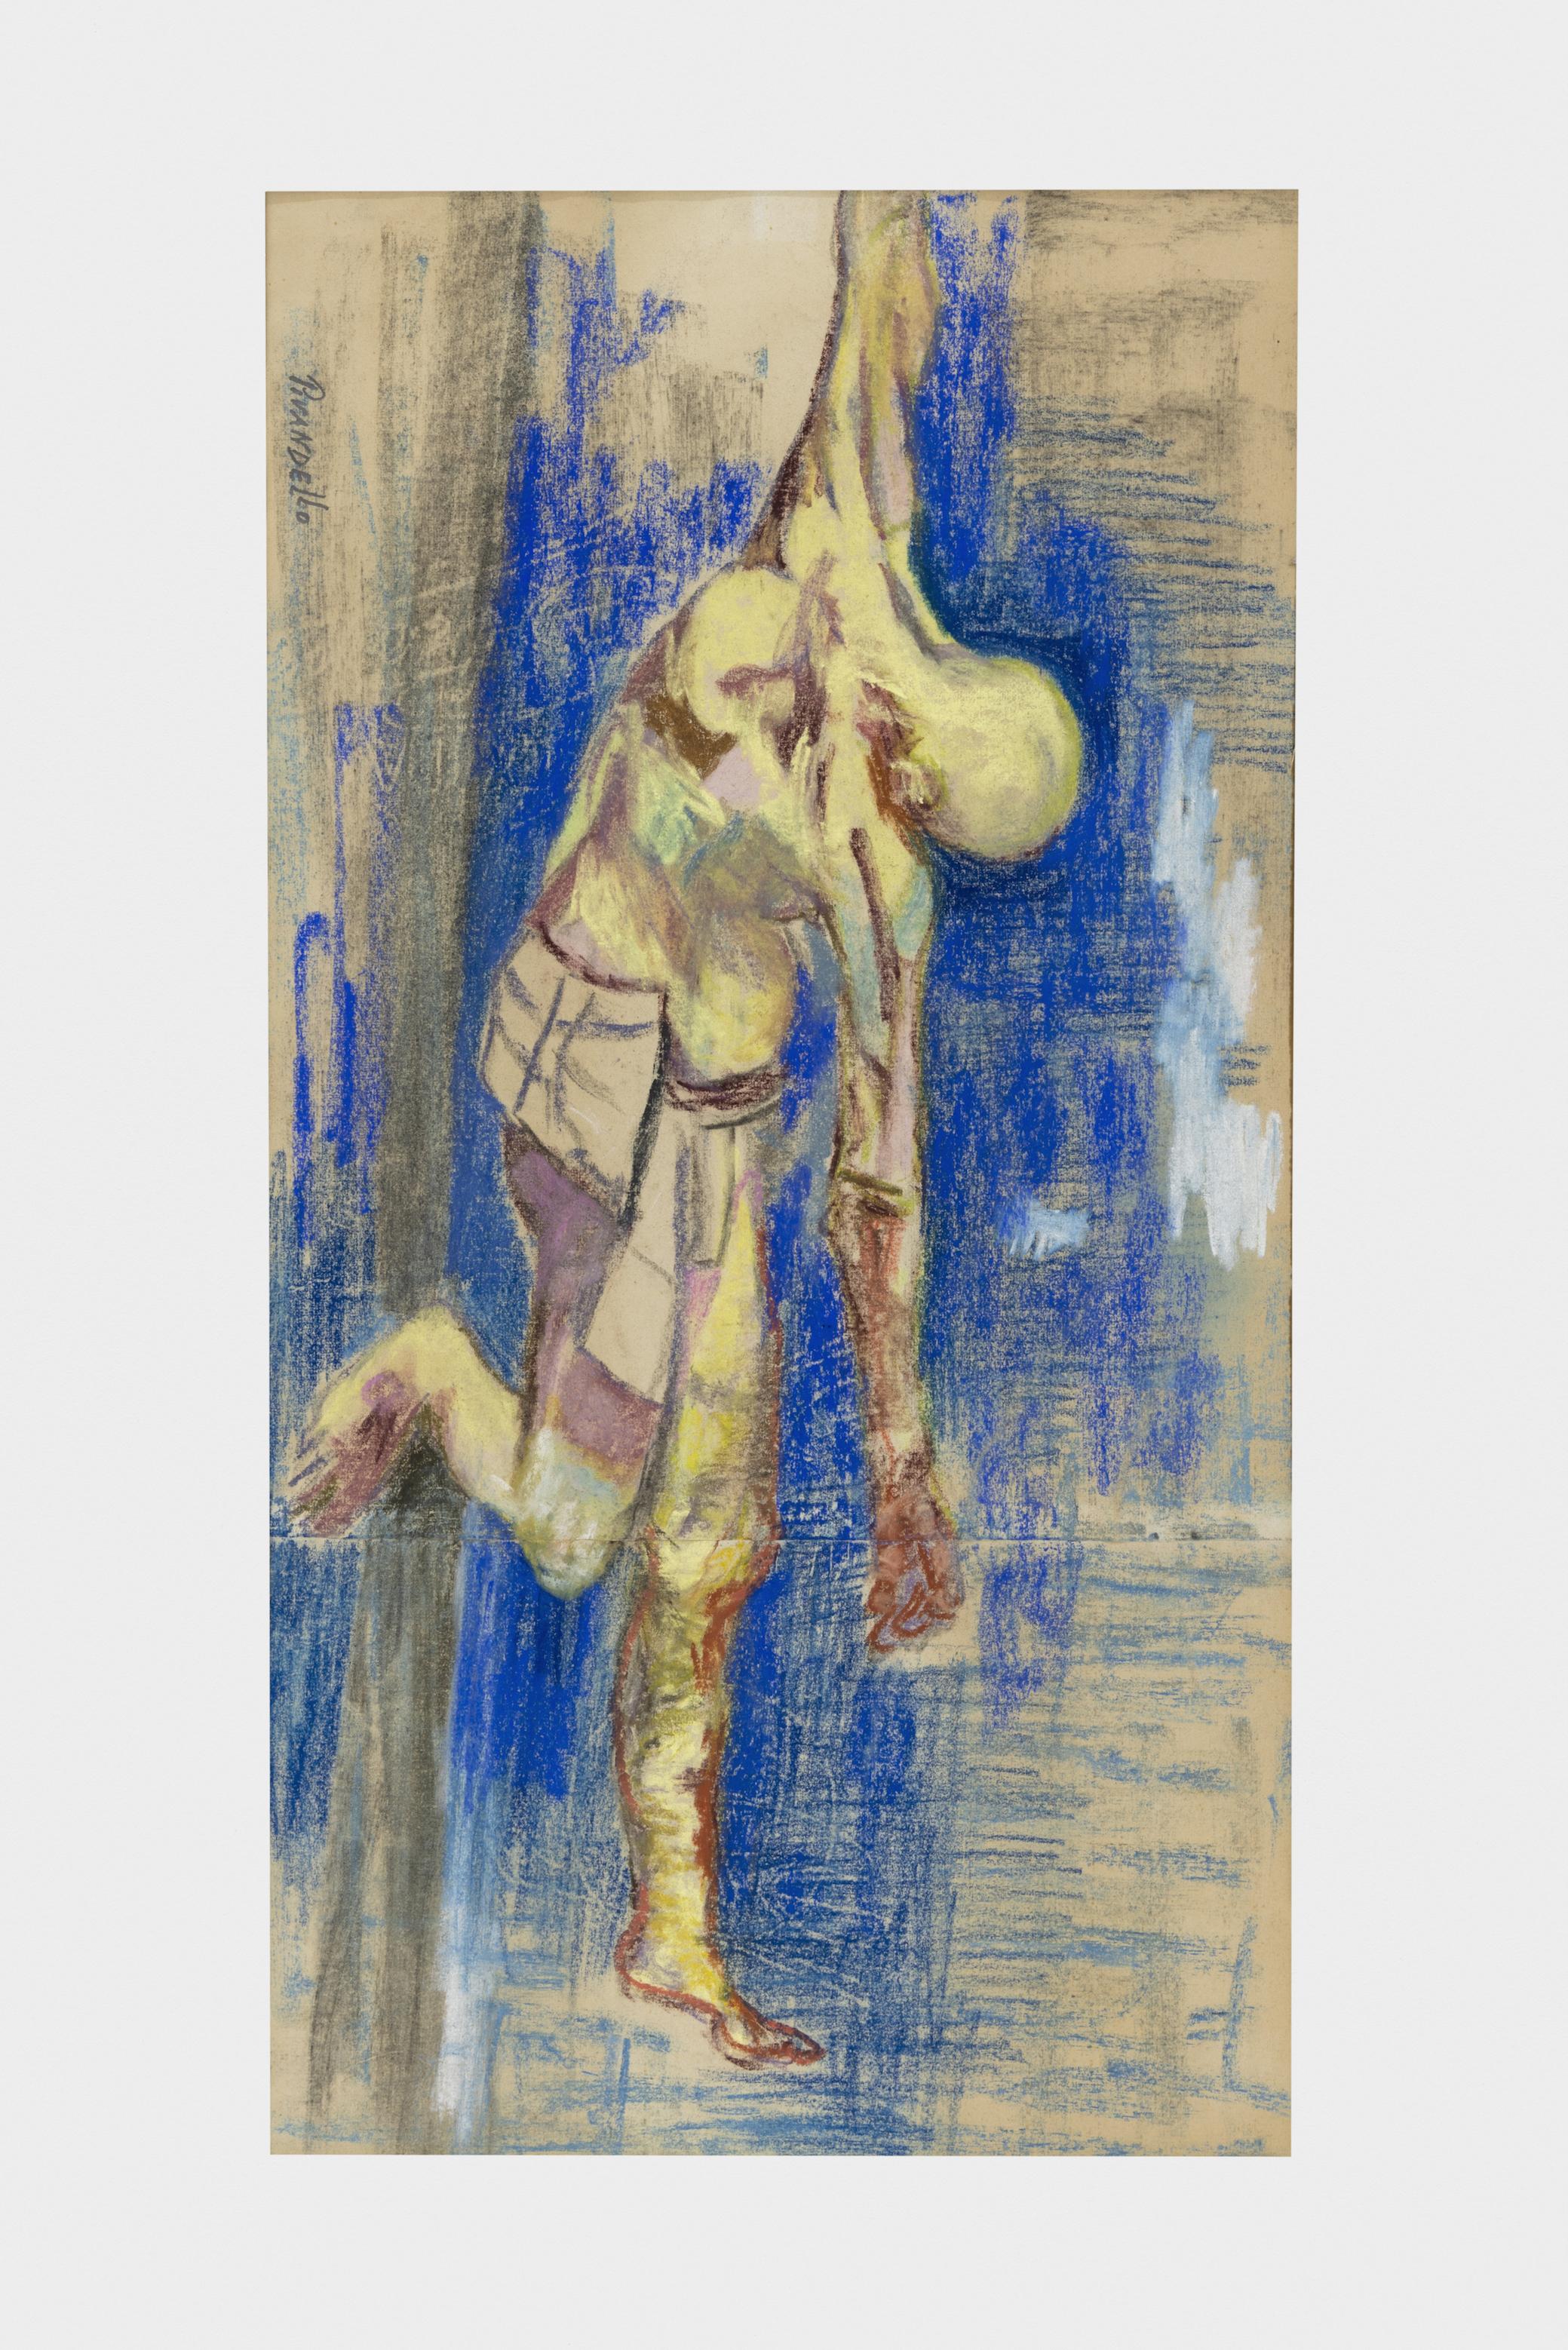 Fausto Pirandello, Ladrone crocifisso, 1964, pastelli su carta